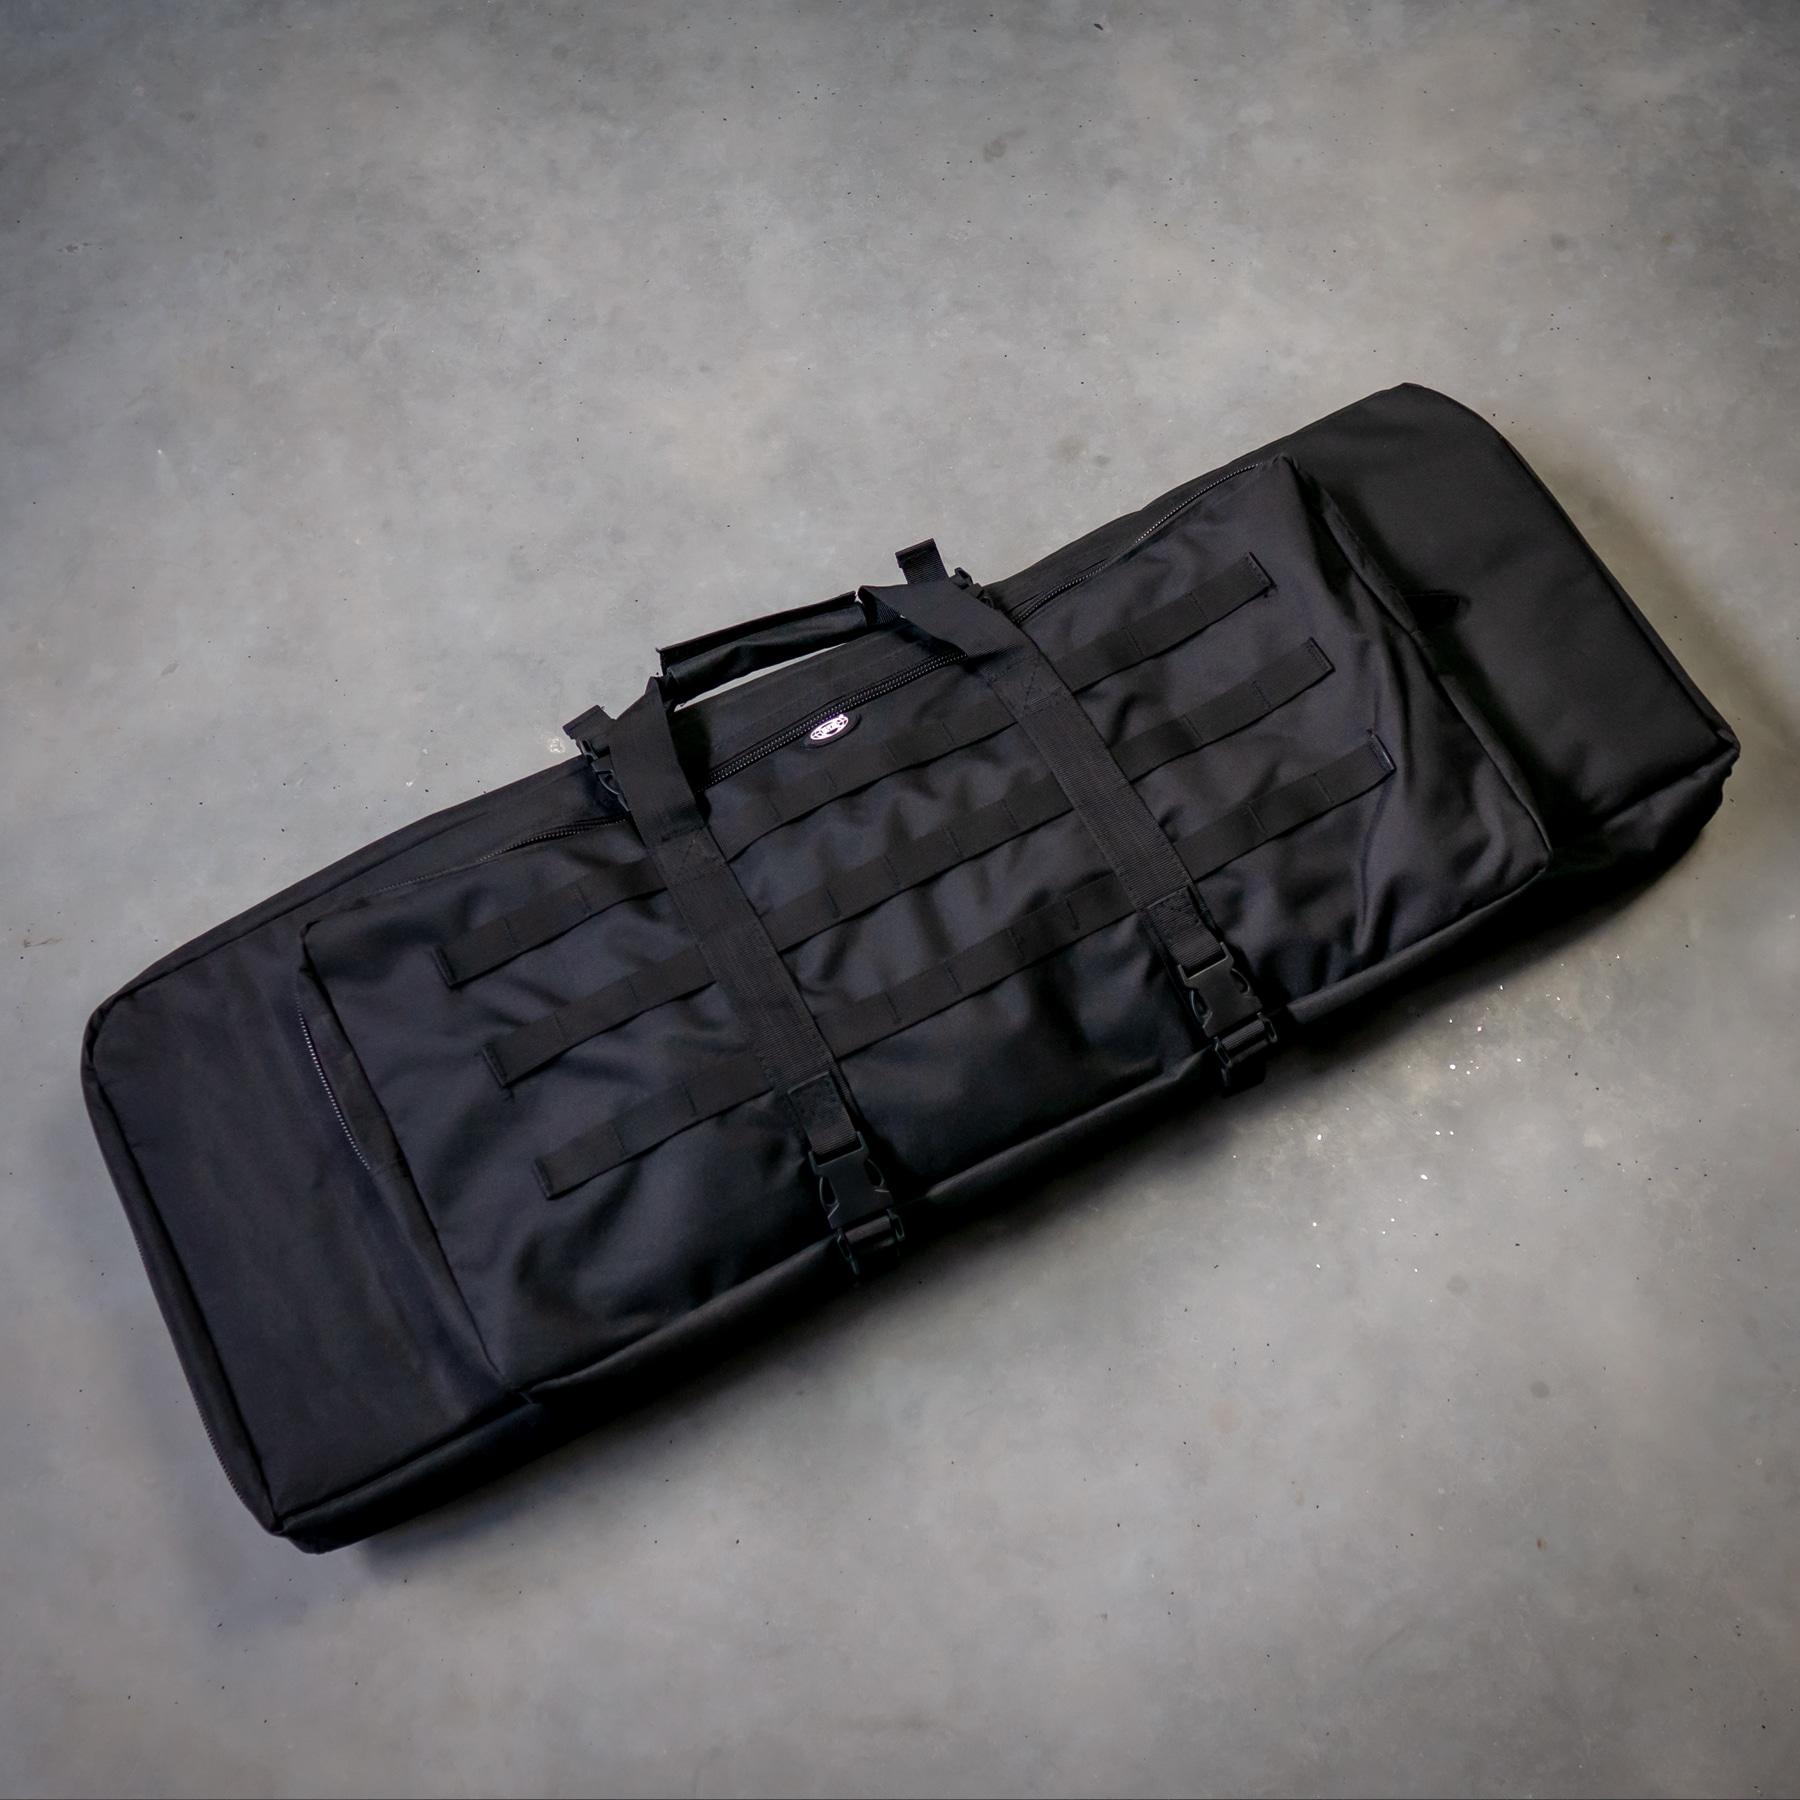 Gewehrtasche-Schwarz-fuer-zwei-Langwaffen-Shop